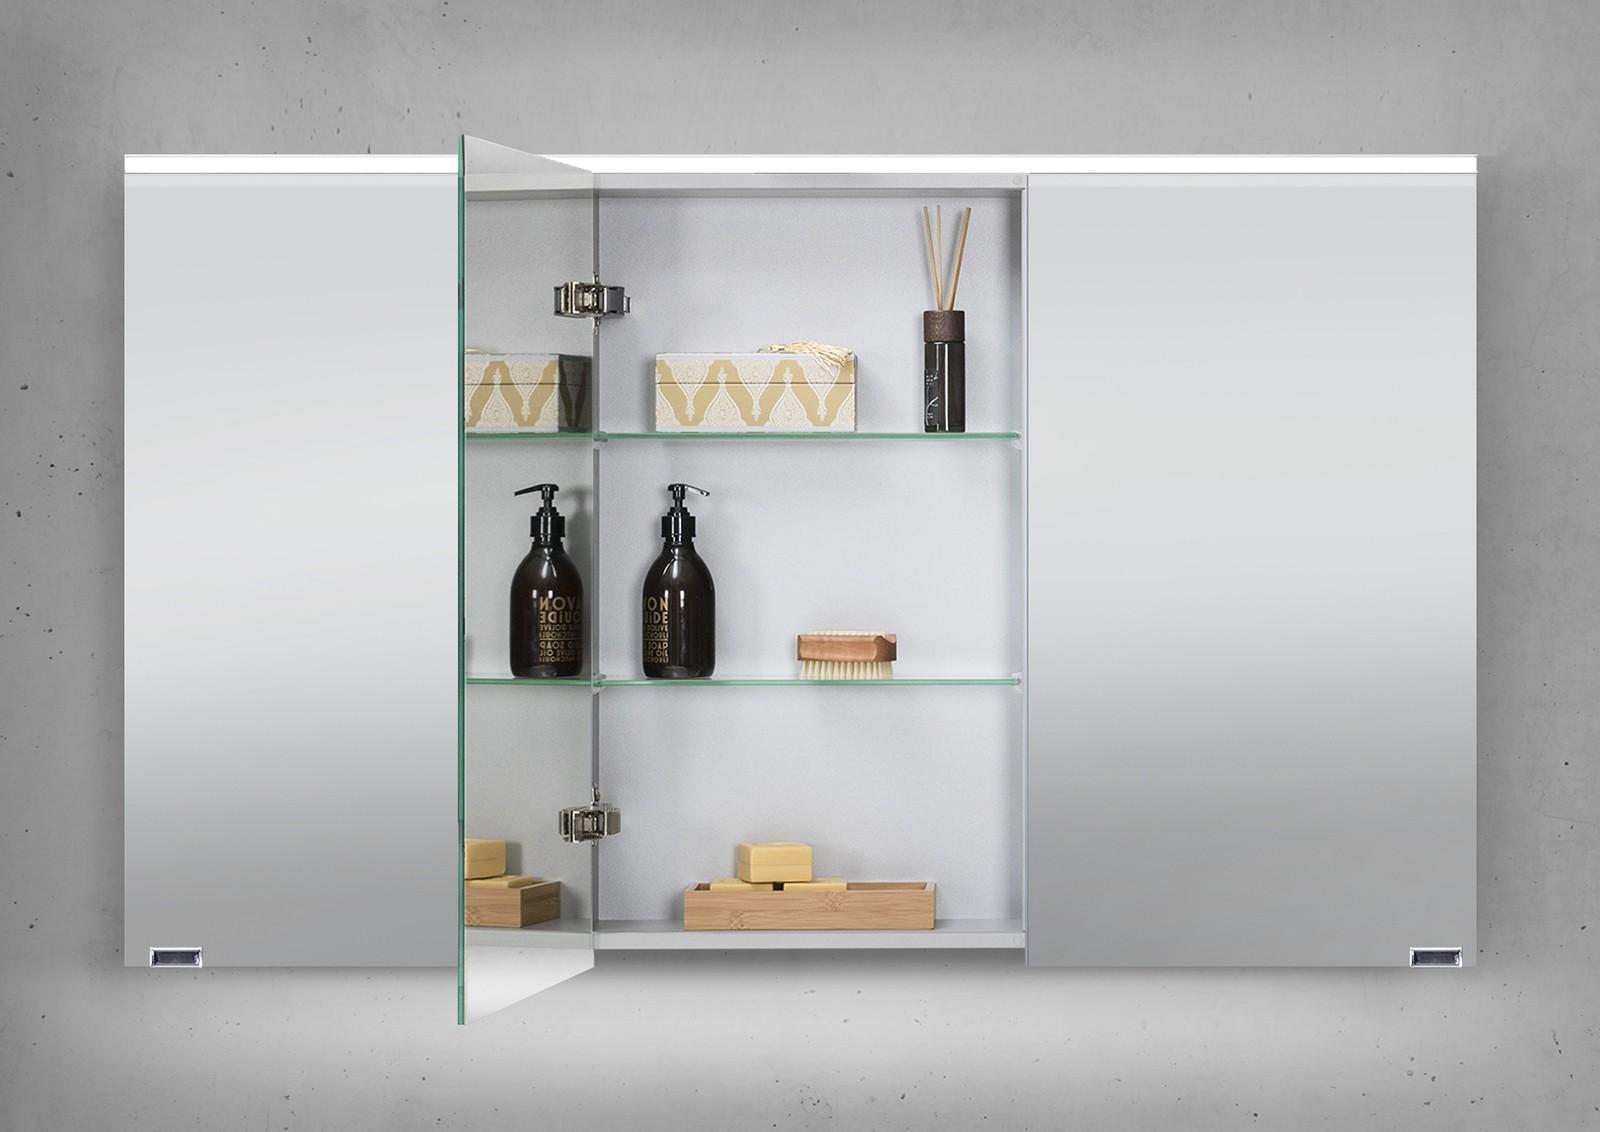 spiegelschrank 120 cm integrierte led beleuchtung doppeltverspiegelt. Black Bedroom Furniture Sets. Home Design Ideas